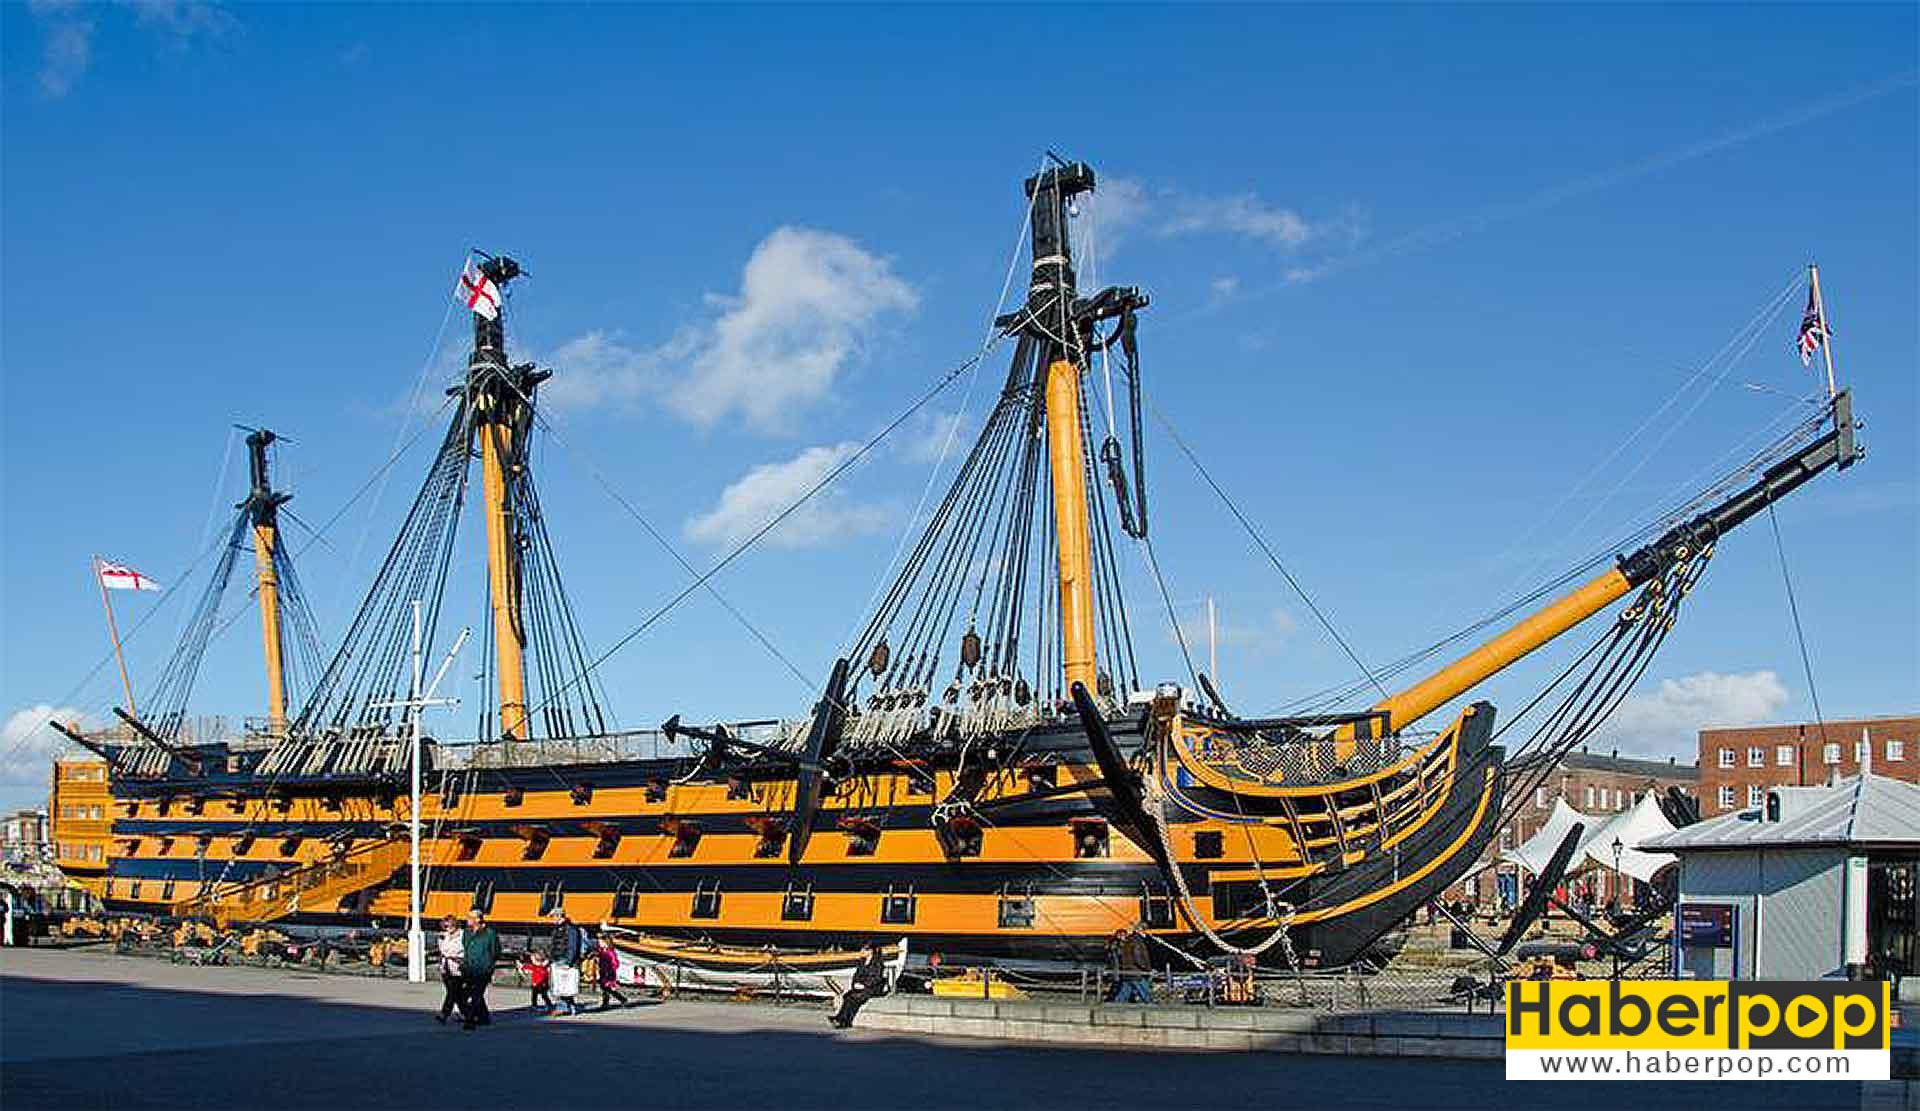 Dünyanın en büyük yelkenli savaş gemisi: HMS Victory